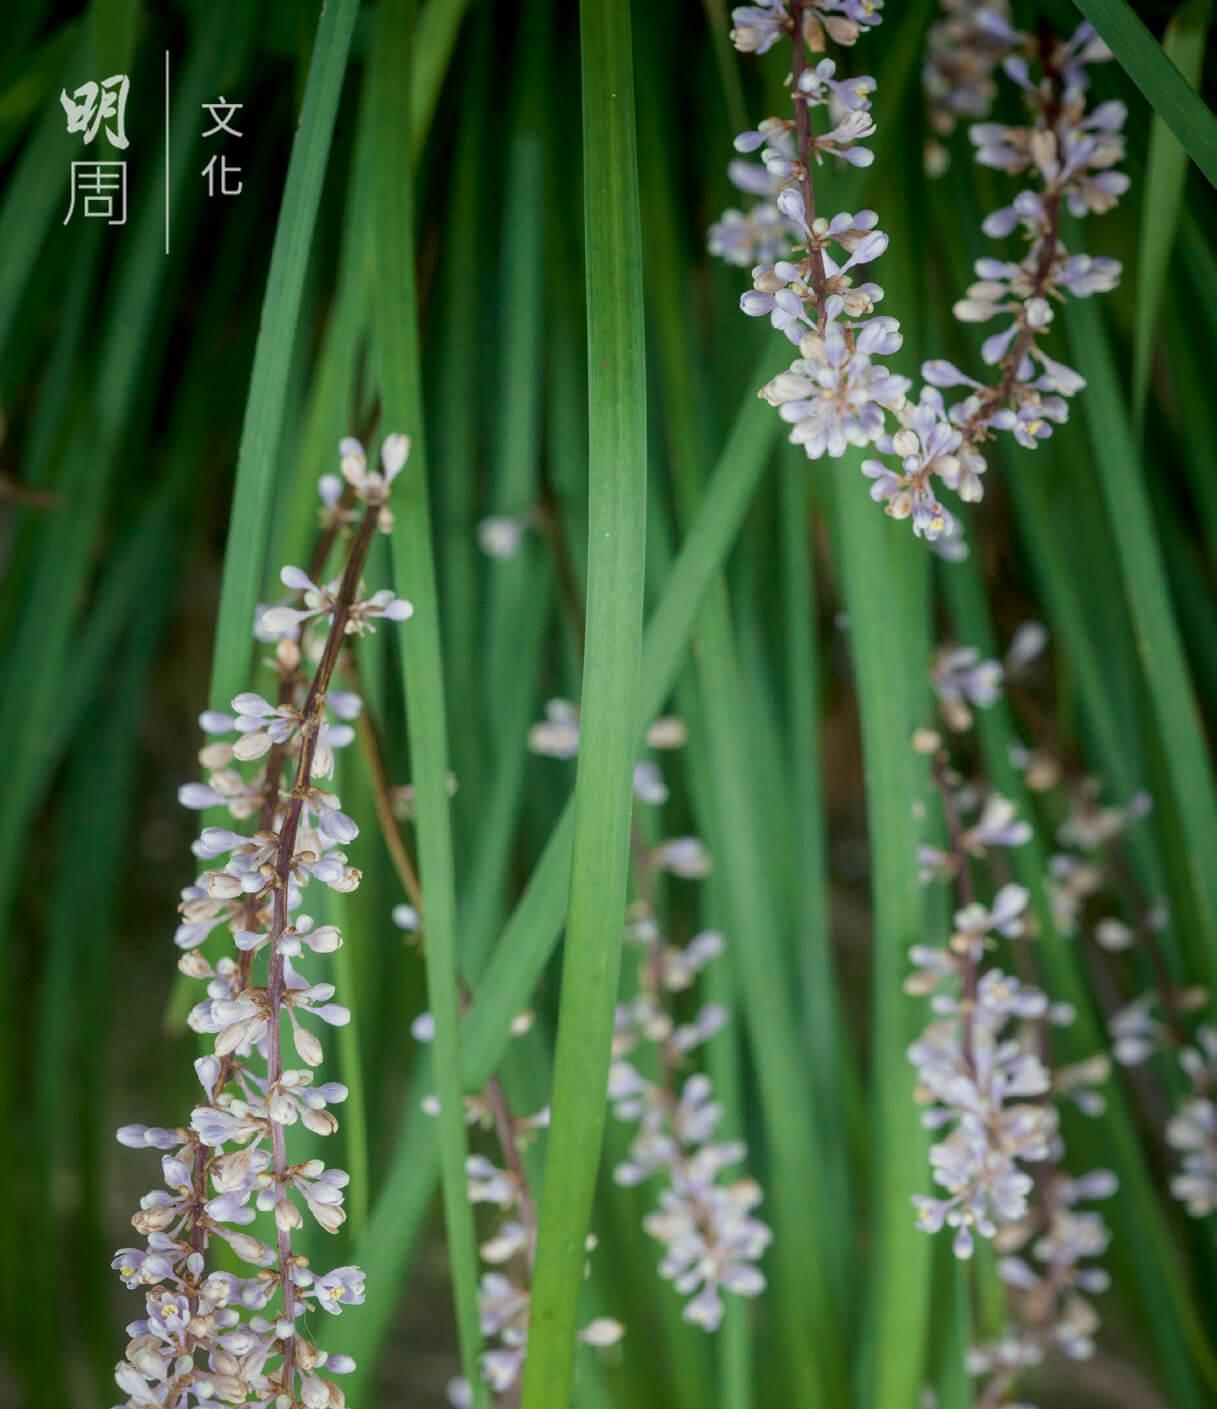 簇簇紫色小花聚生枝梢,彎彎花莖搖曳生姿, 是為花的美態一種。